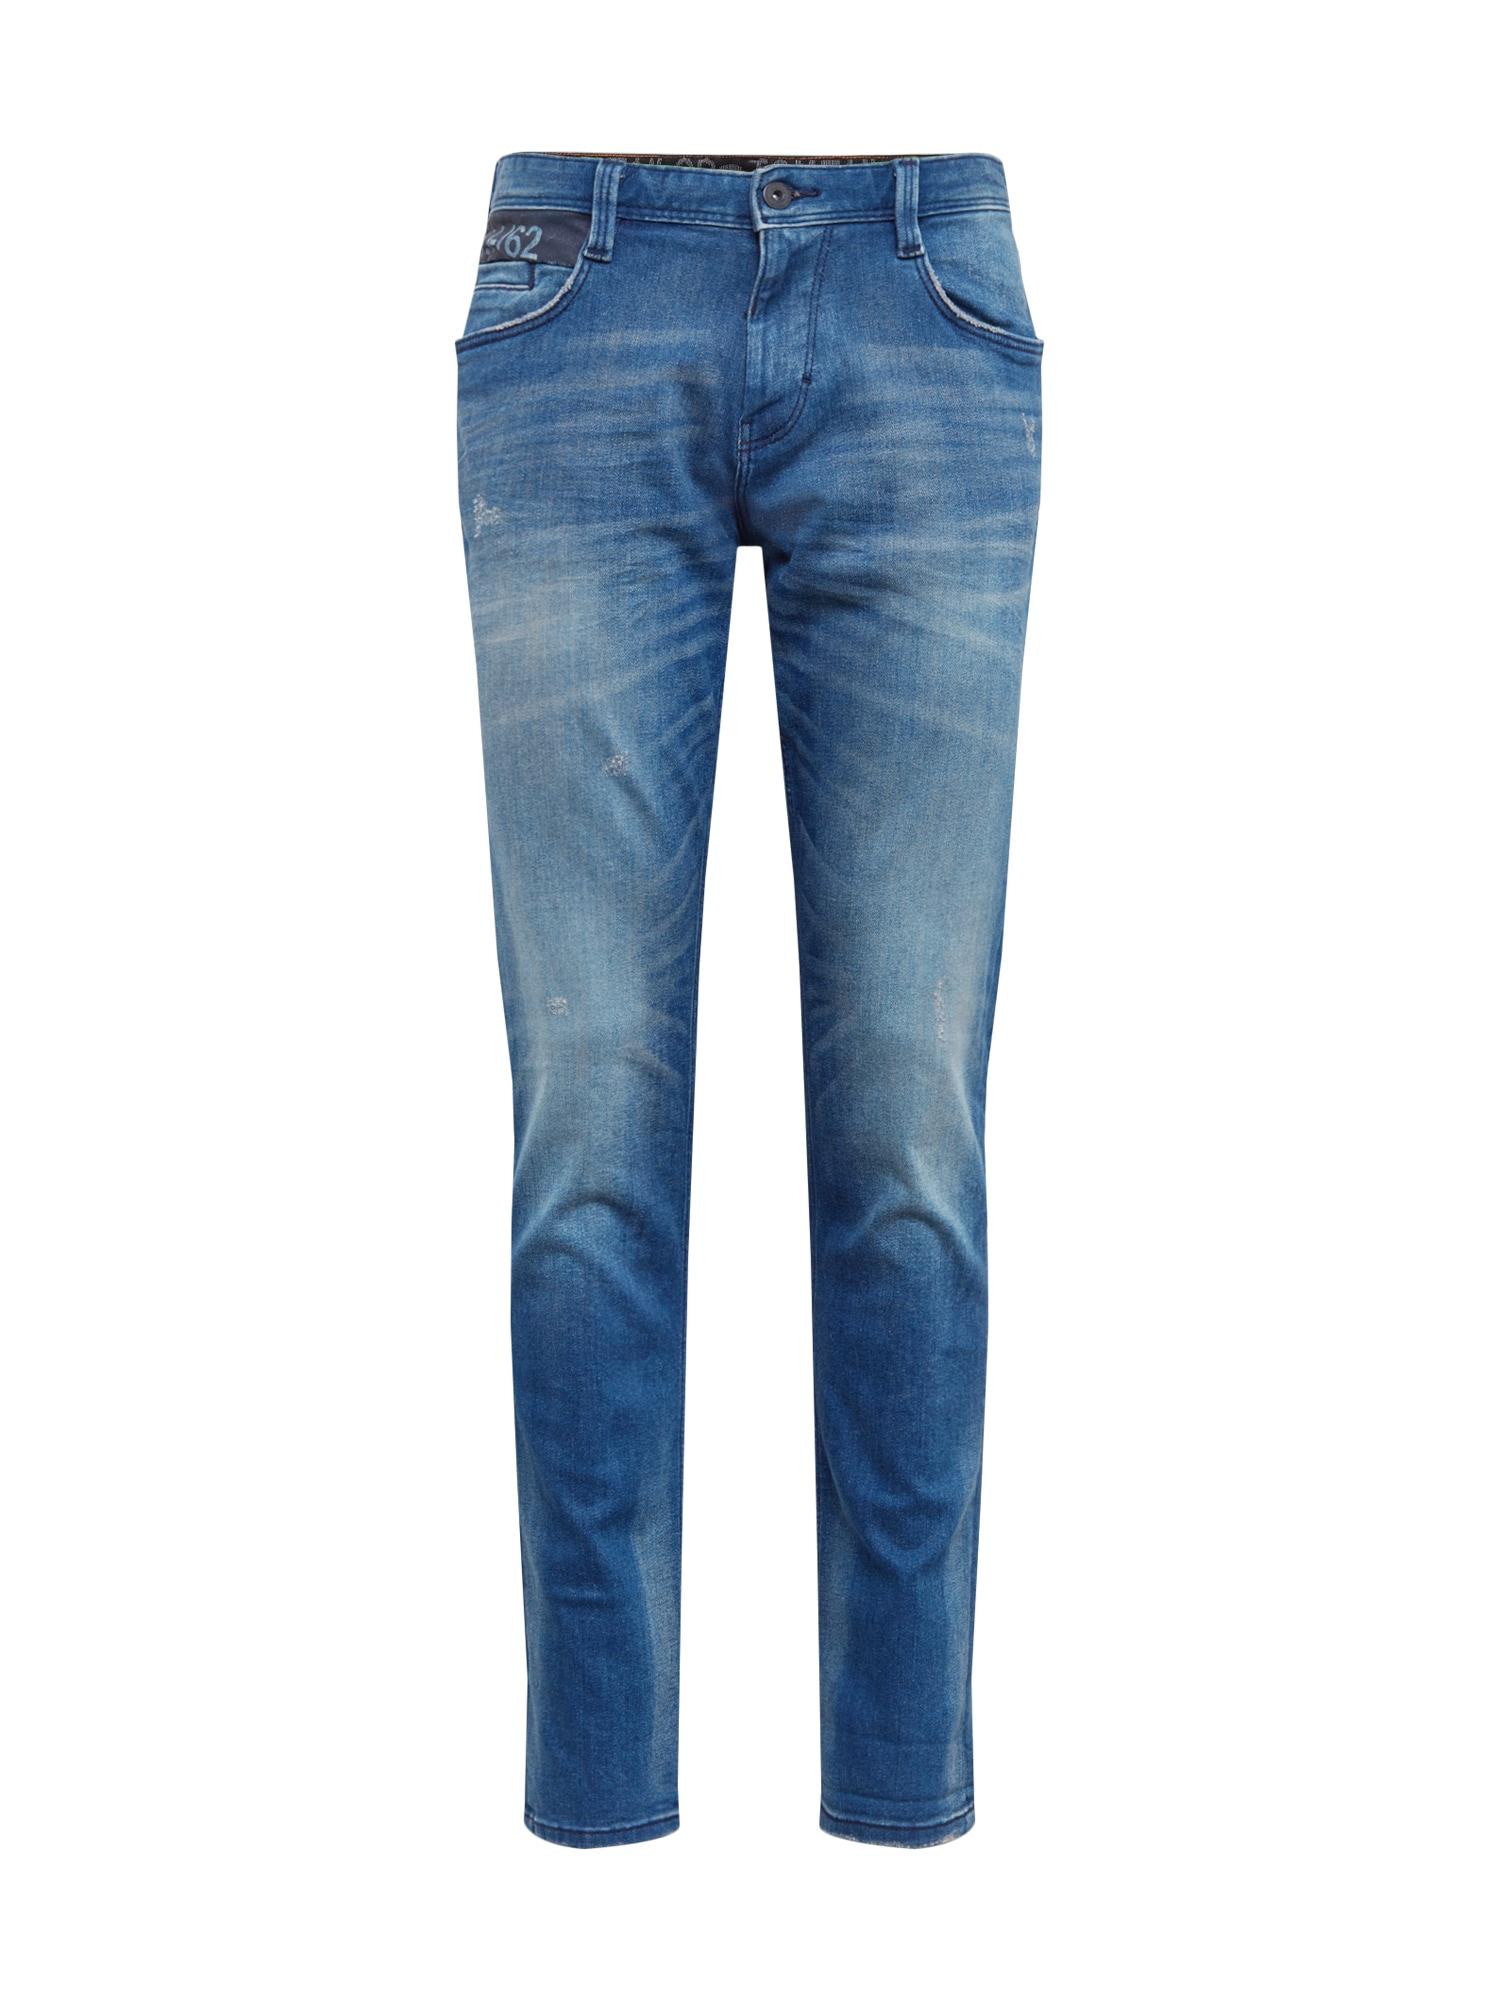 Jeans | Bekleidung > Jeans > Sonstige Jeans | Blue | TOM TAILOR